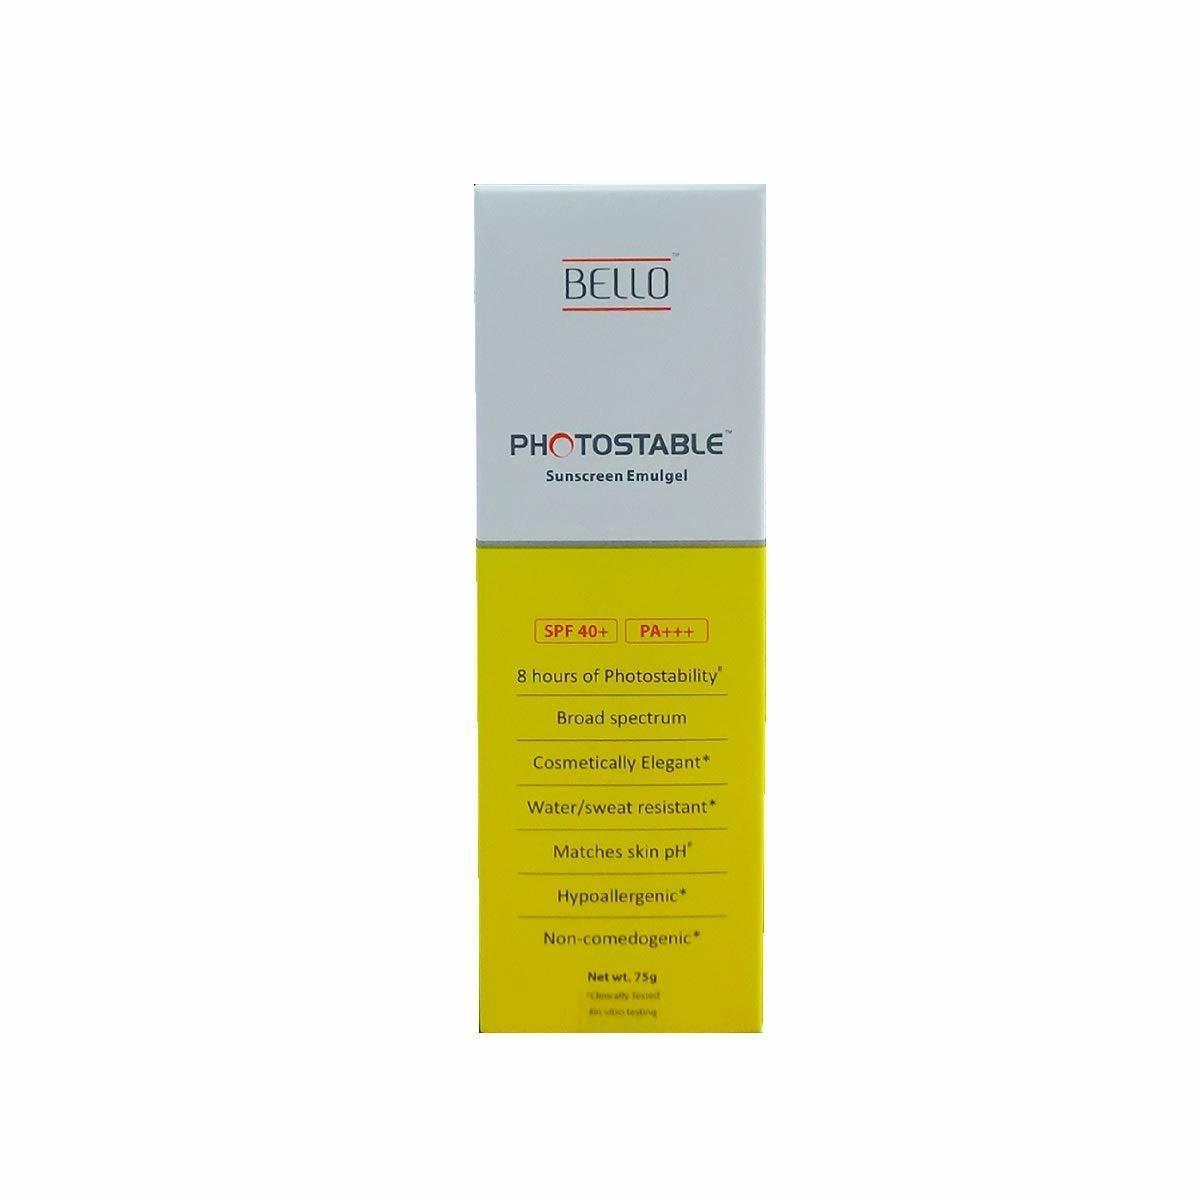 2. Bello Photostable Sunscreen Gel SPF 40+ Pa+++